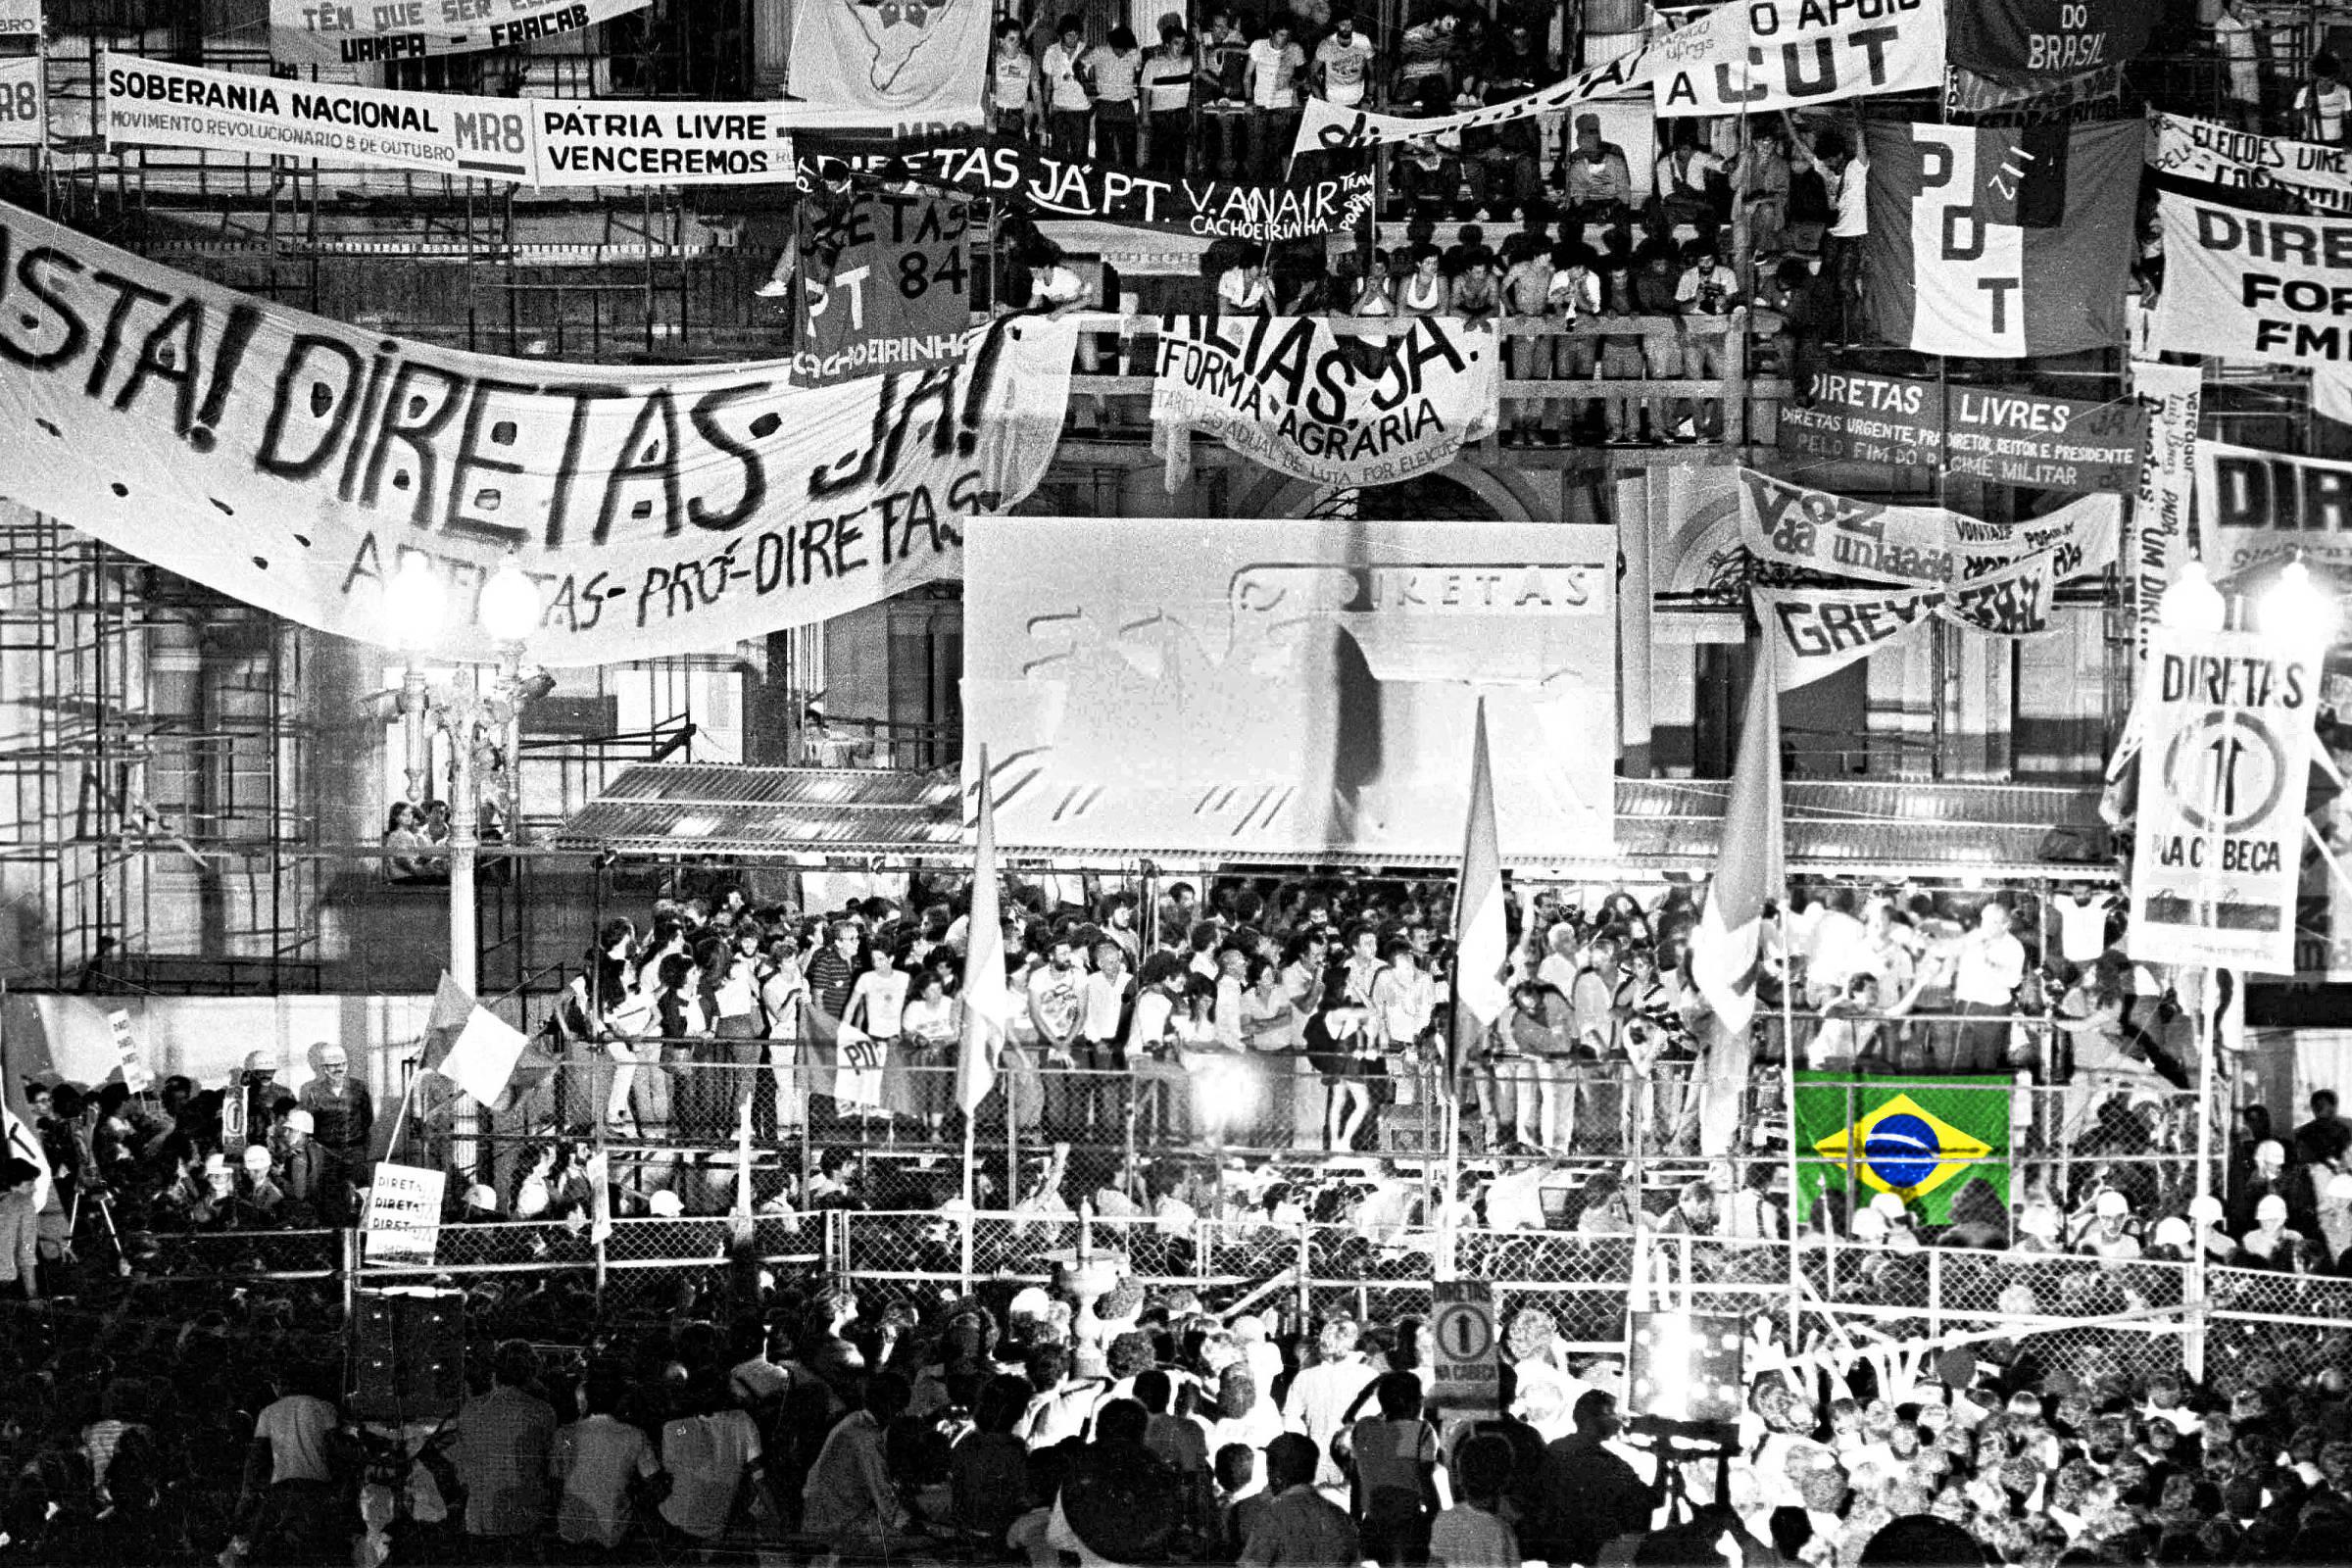 Folha cria filtro de redes sociais para a campanha #UseAmarelo pela Democracia; participe